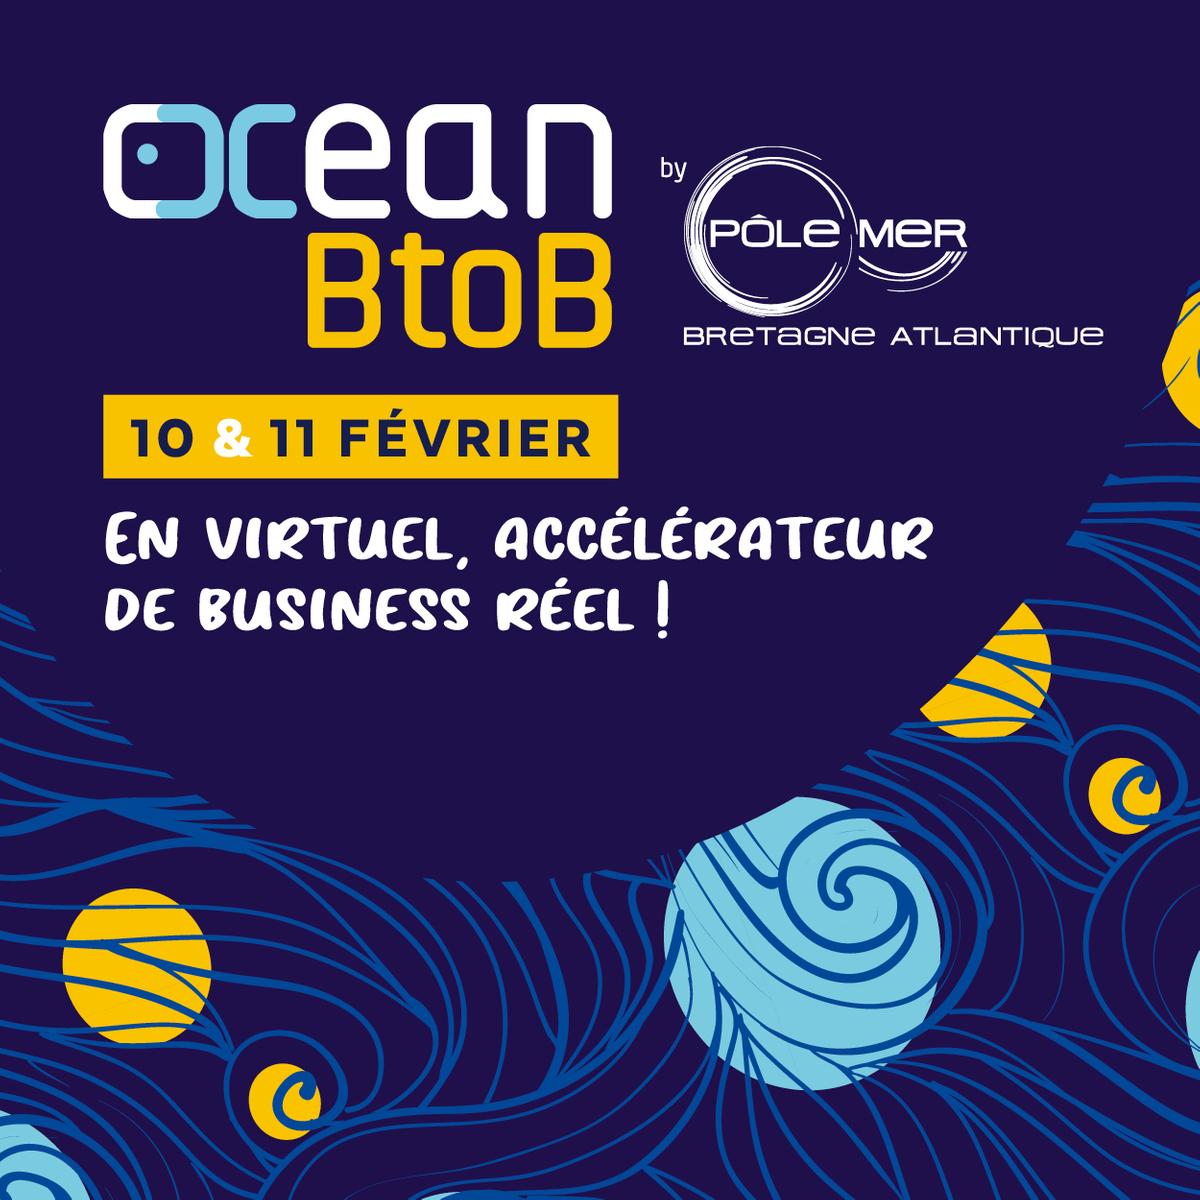 OCEAN BtoB 2021En virtuel, accélérateur de business réel !